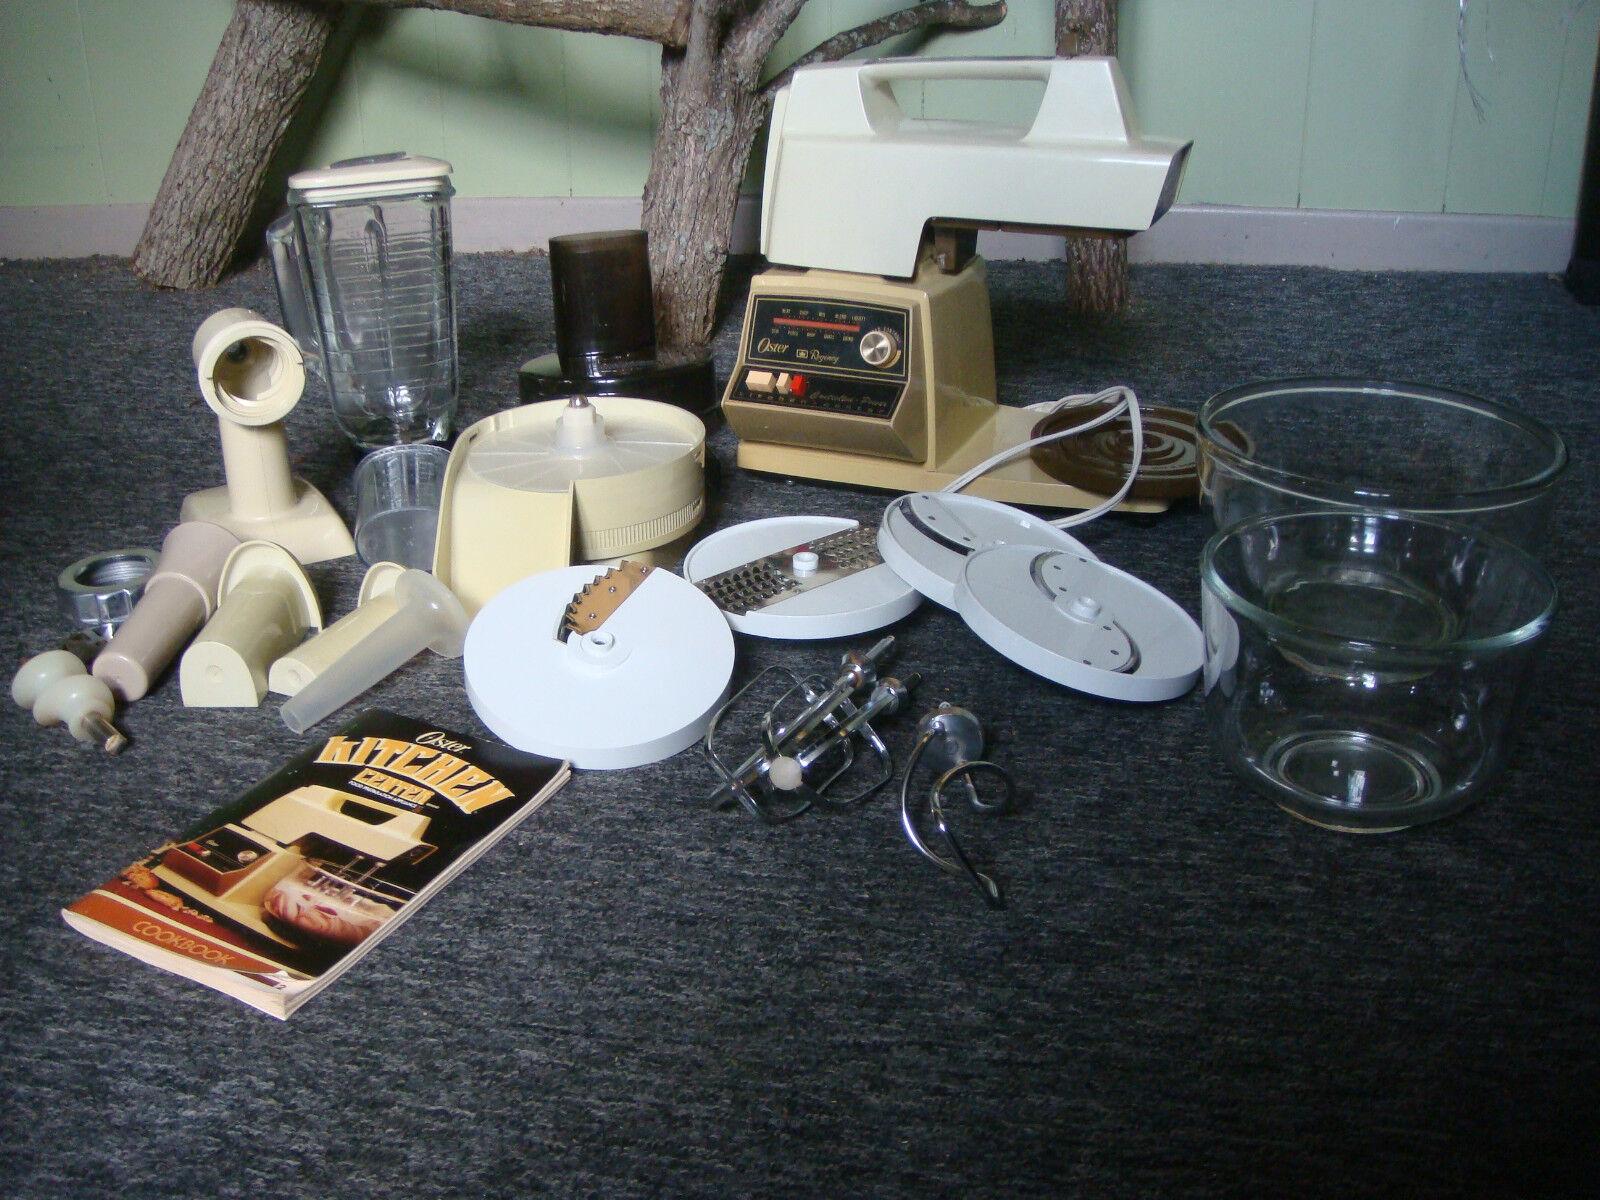 Vintage Oster Regency Kitchen Center 10-Speed Mixer Blender Food Processor